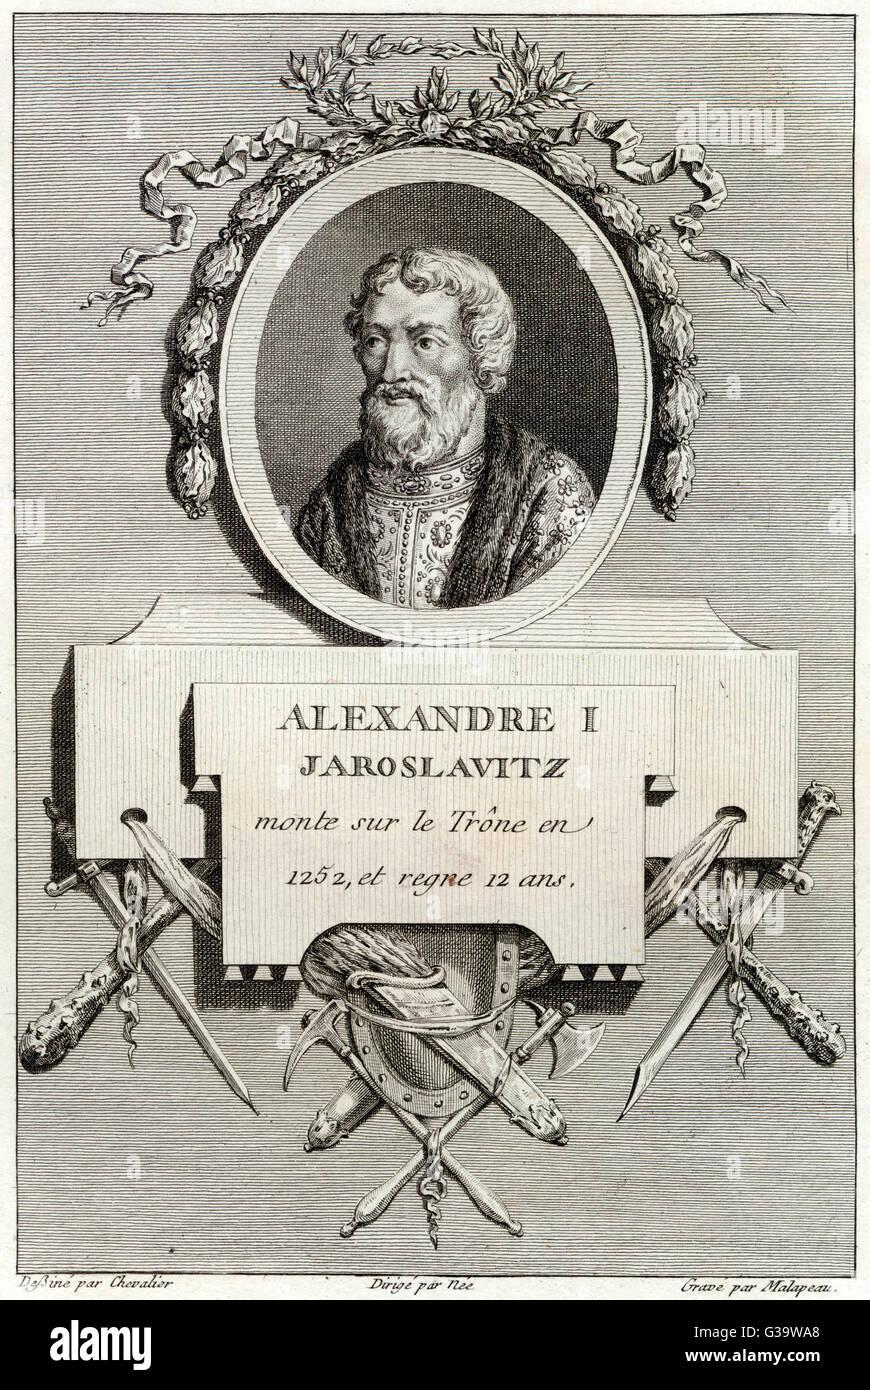 ALEXANDER i. JAROSLAWITSCH, bekannt als Alexander Nevsky, Fürst von Nowgorod von 1238.  Herrscher von Wladimir aus dem Jahr 1252: ein nationaler Held, der die Grundlagen für Russland Datum: 1252-1263 regierte Stockfoto